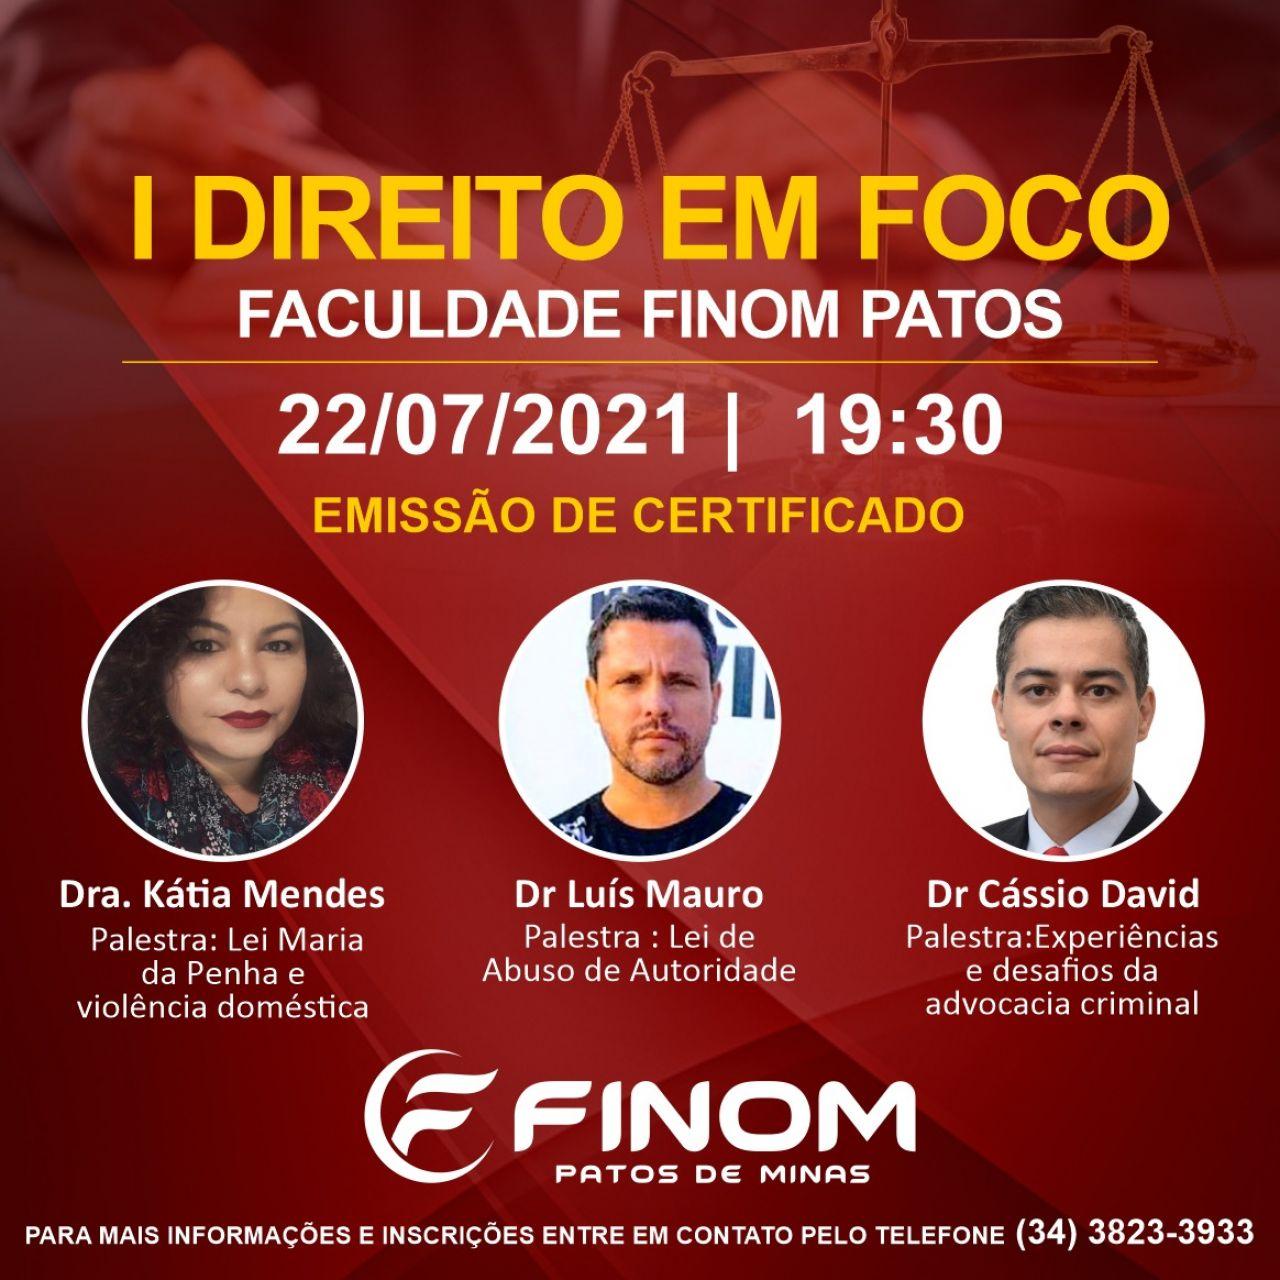 Faculdade FINOM de Patos de Minas realizará o I DIREITO EM FOCO e contará com palestras de grandes profissionais da área